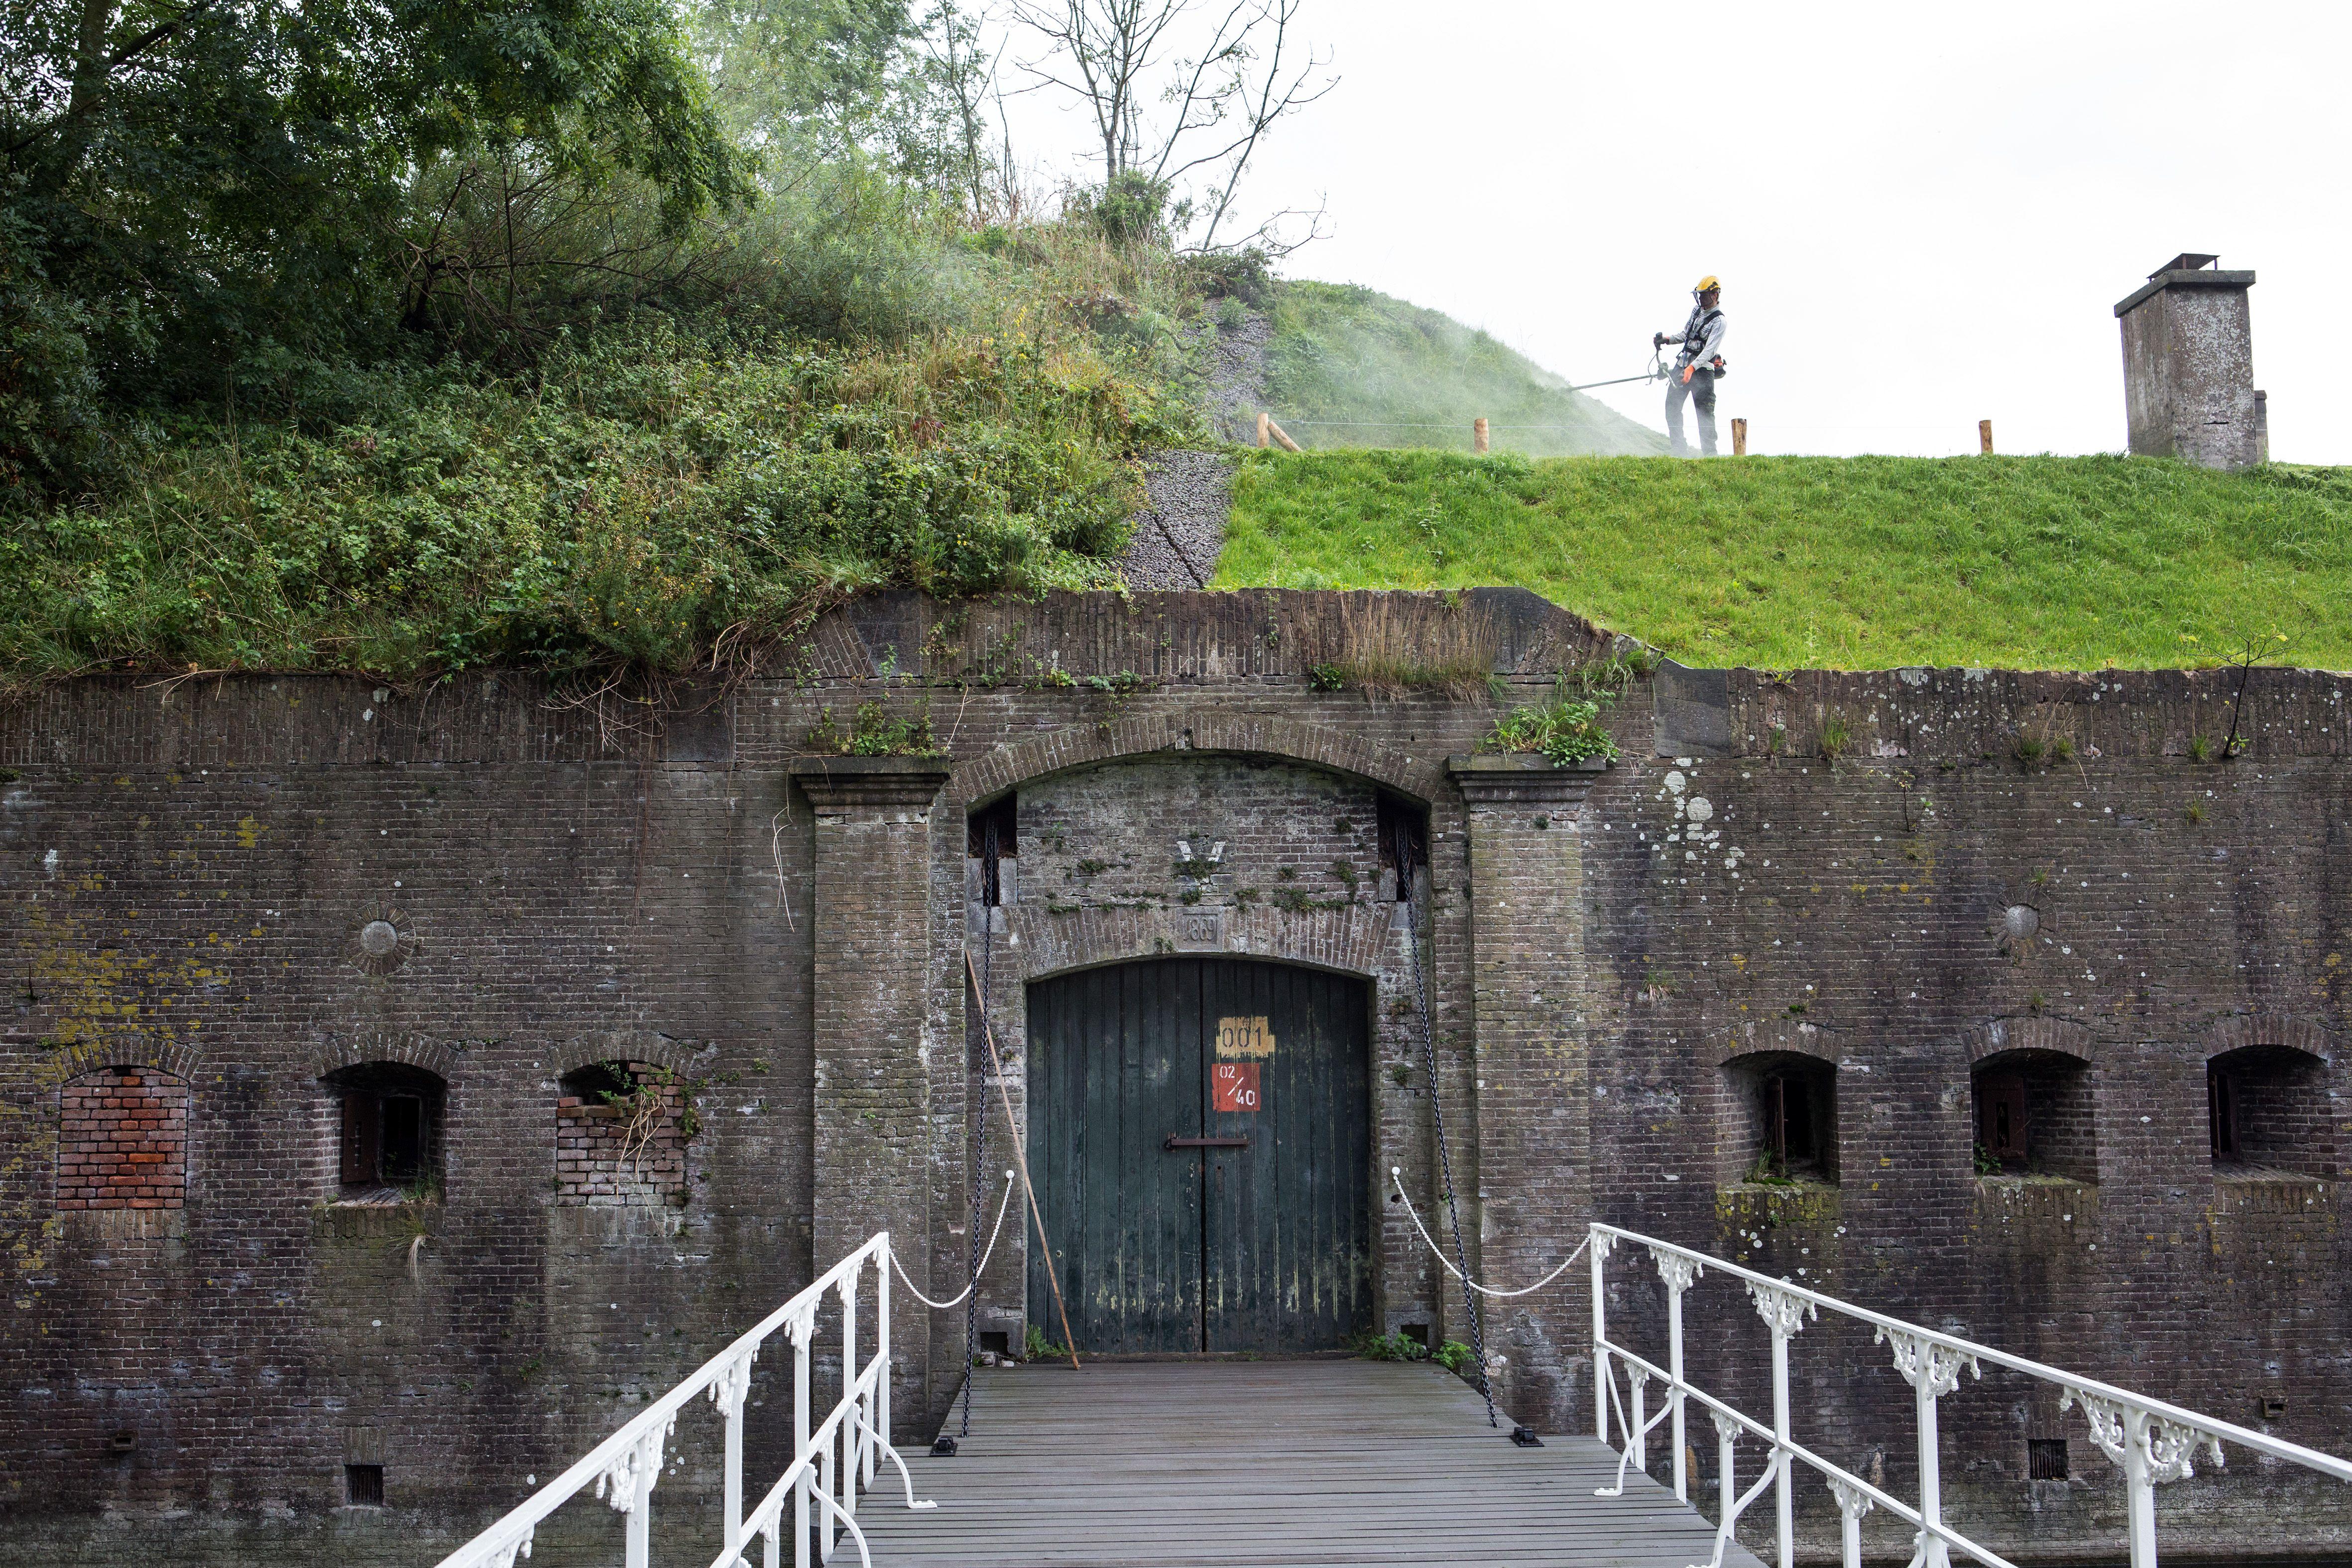 Waterliniemuseum Fort bij Vechten (waterliniemuseum) - Profiel | Pinterest